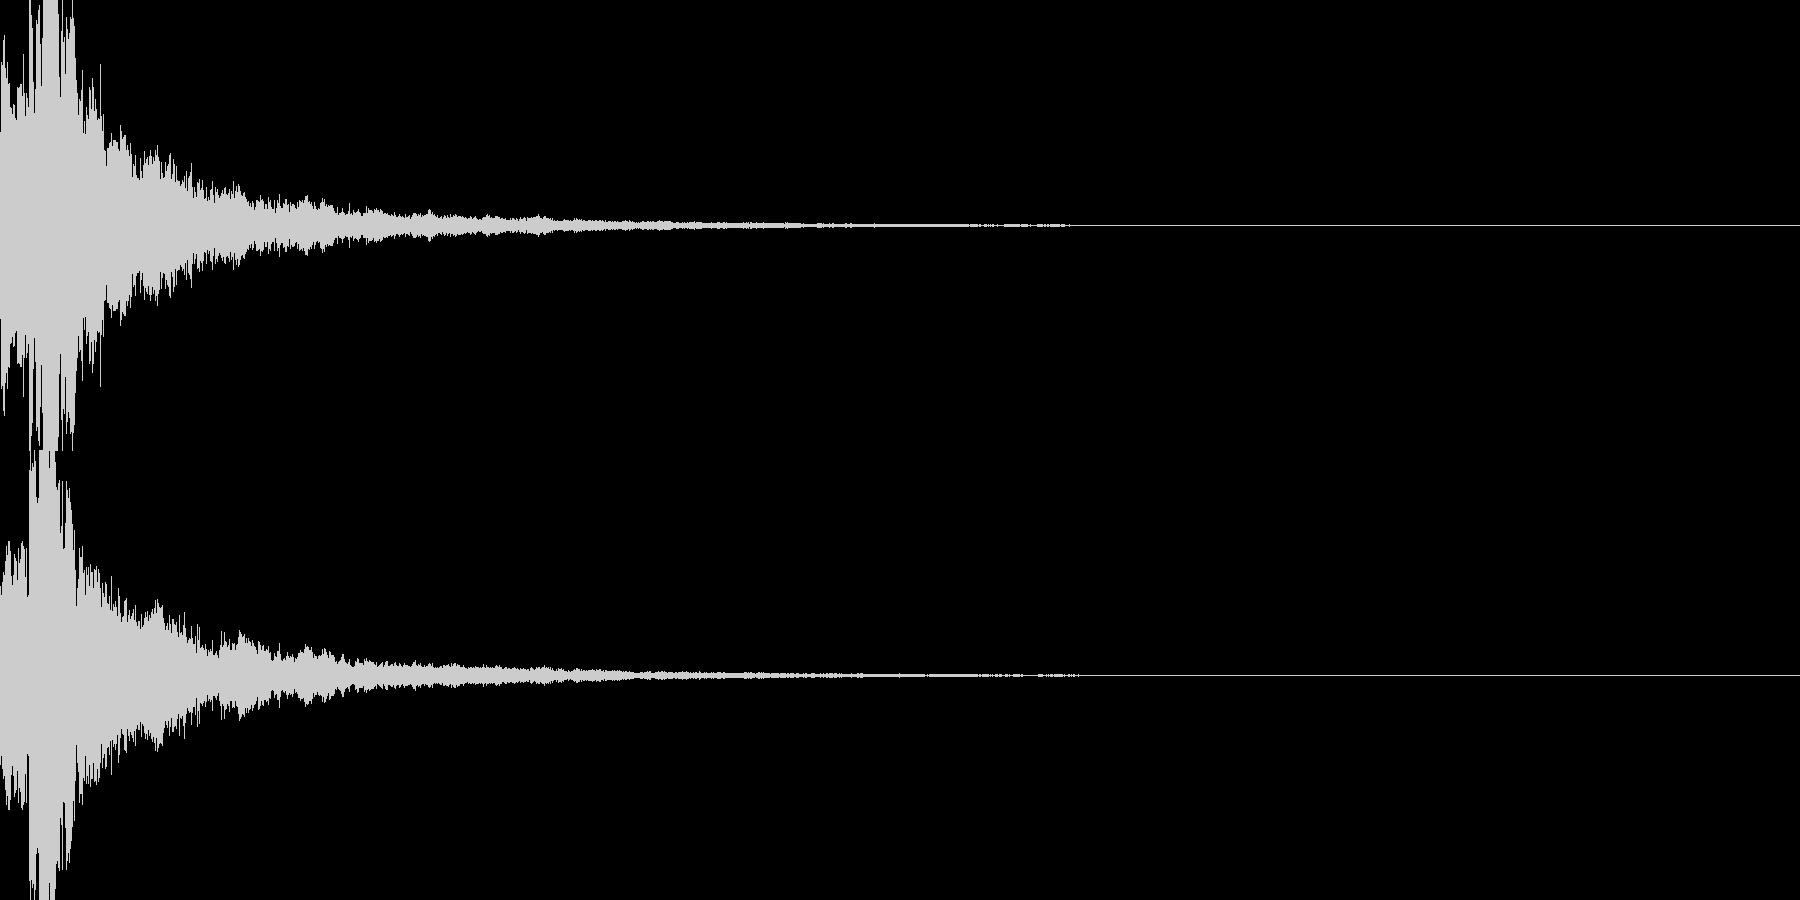 明るいテロップ音 ボタン音 決定音24cの未再生の波形